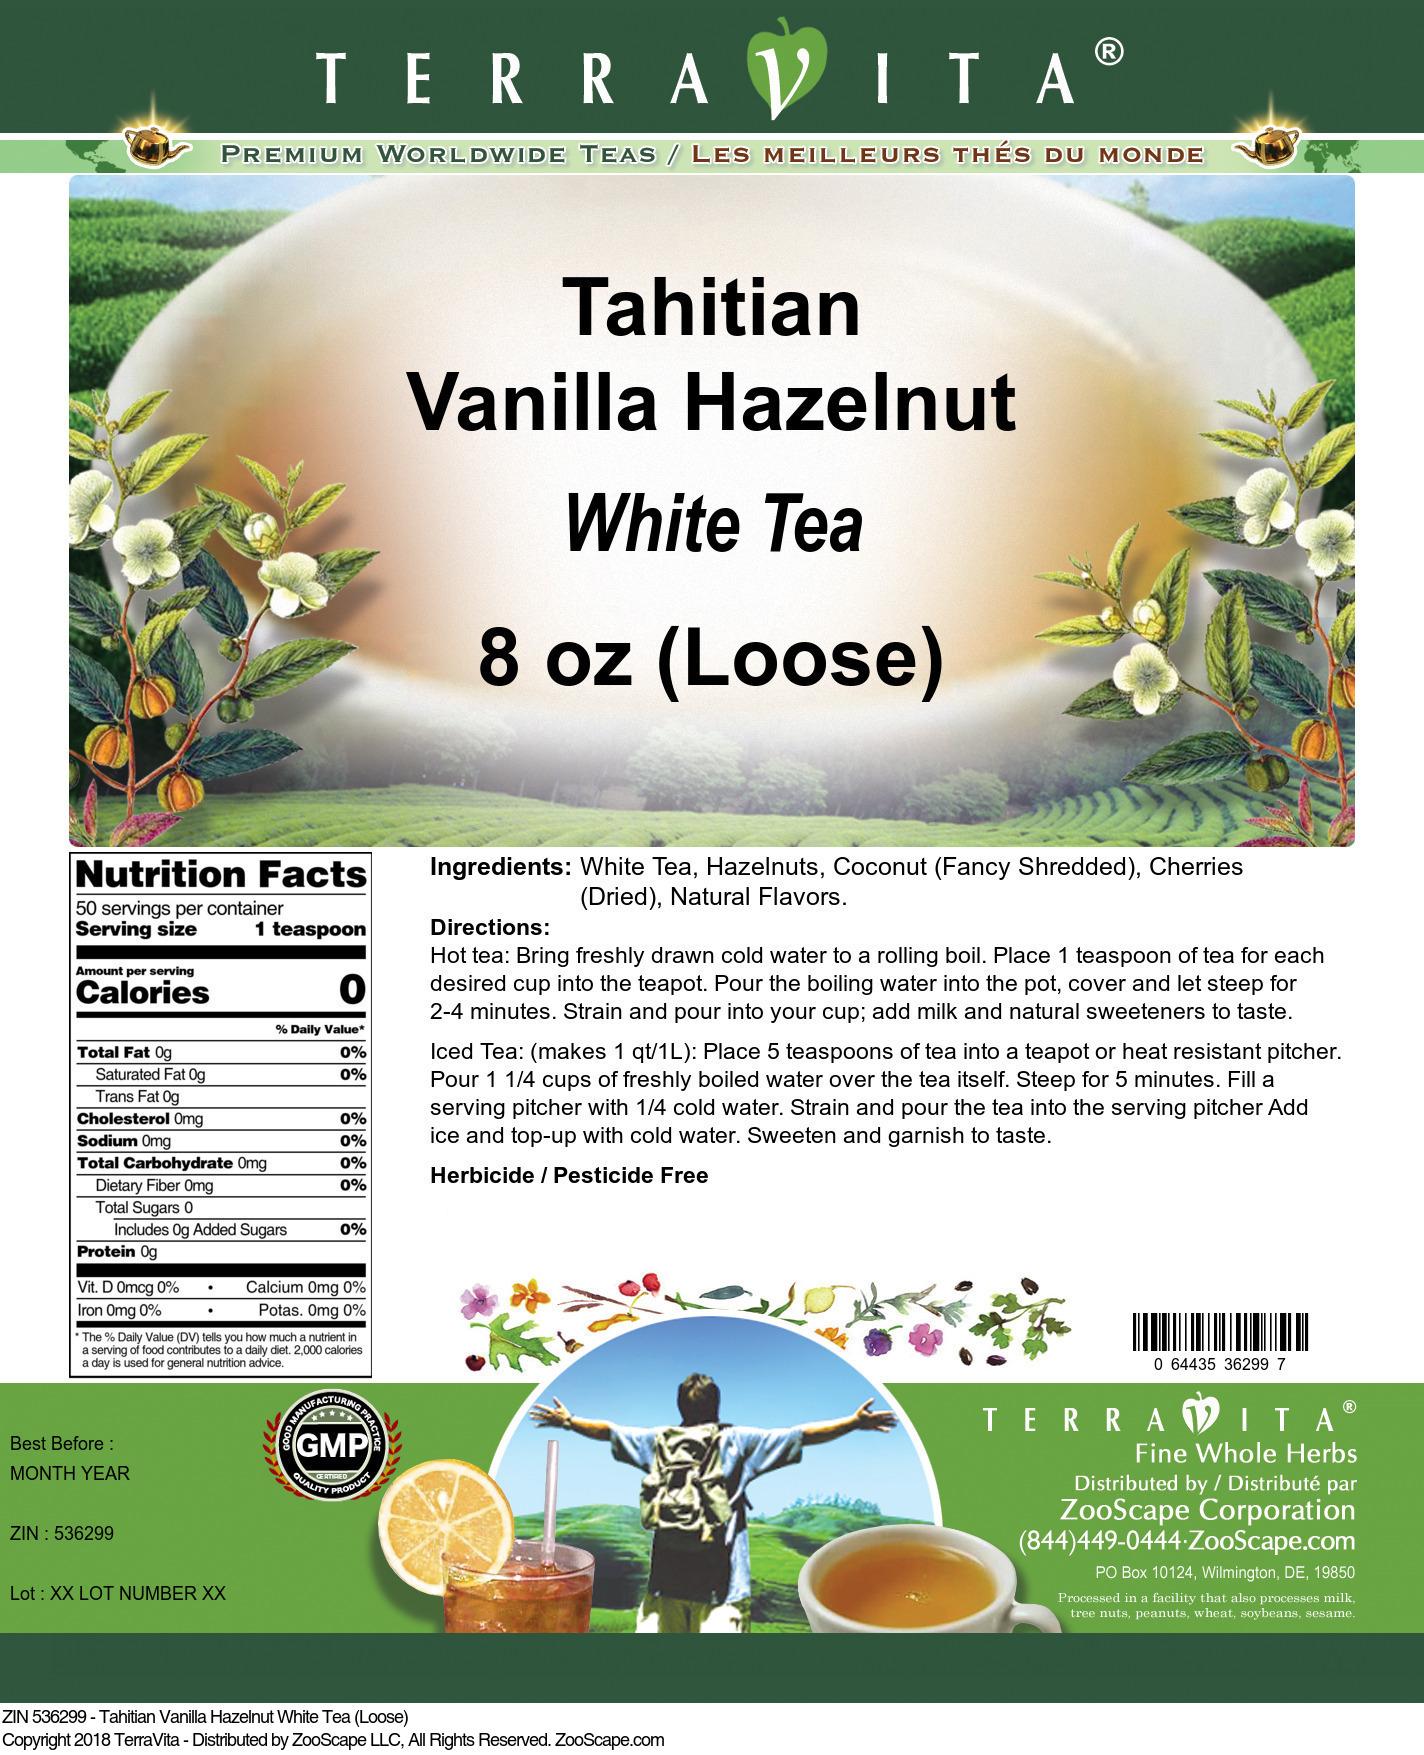 Tahitian Vanilla Hazelnut White Tea (Loose)